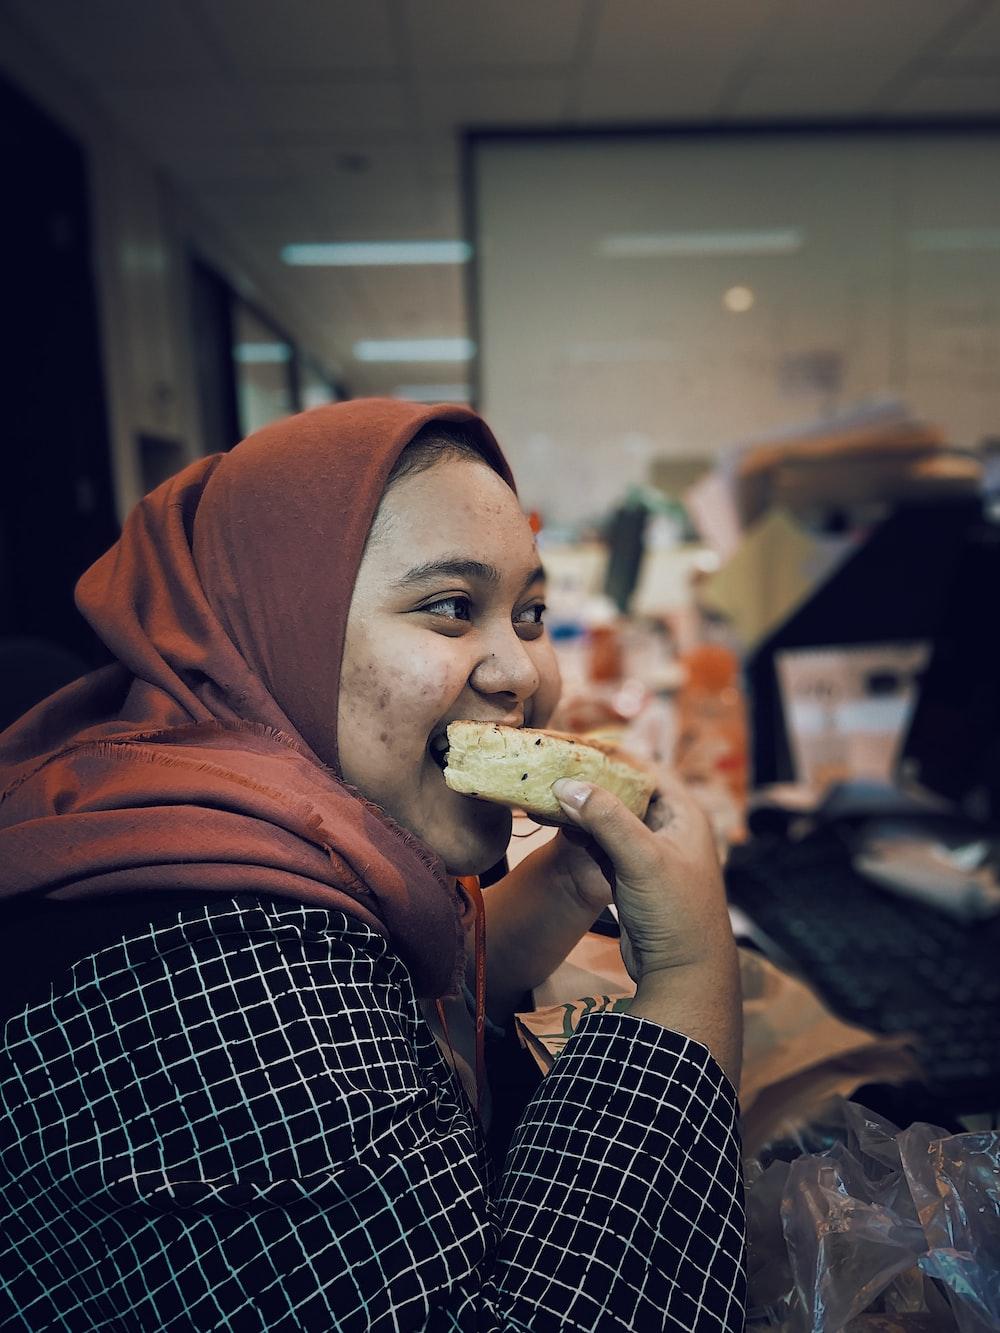 woman earring pastry bread